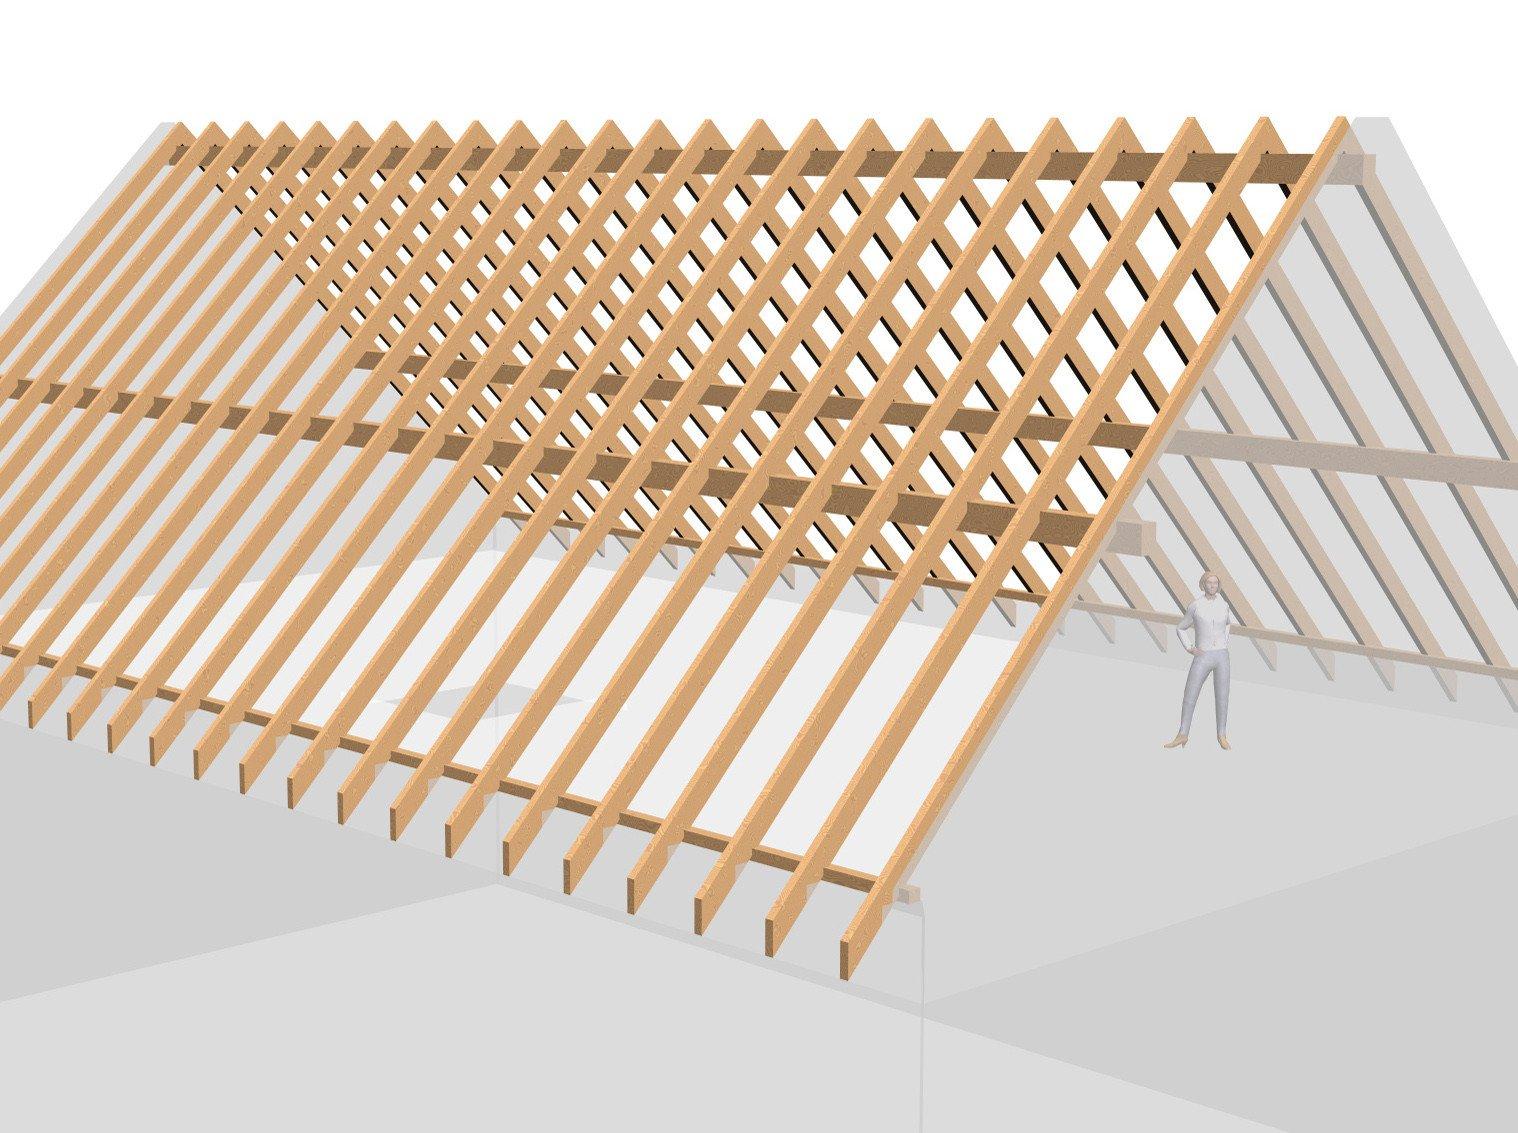 Baunetz_Wissen_Geneigtes Dach